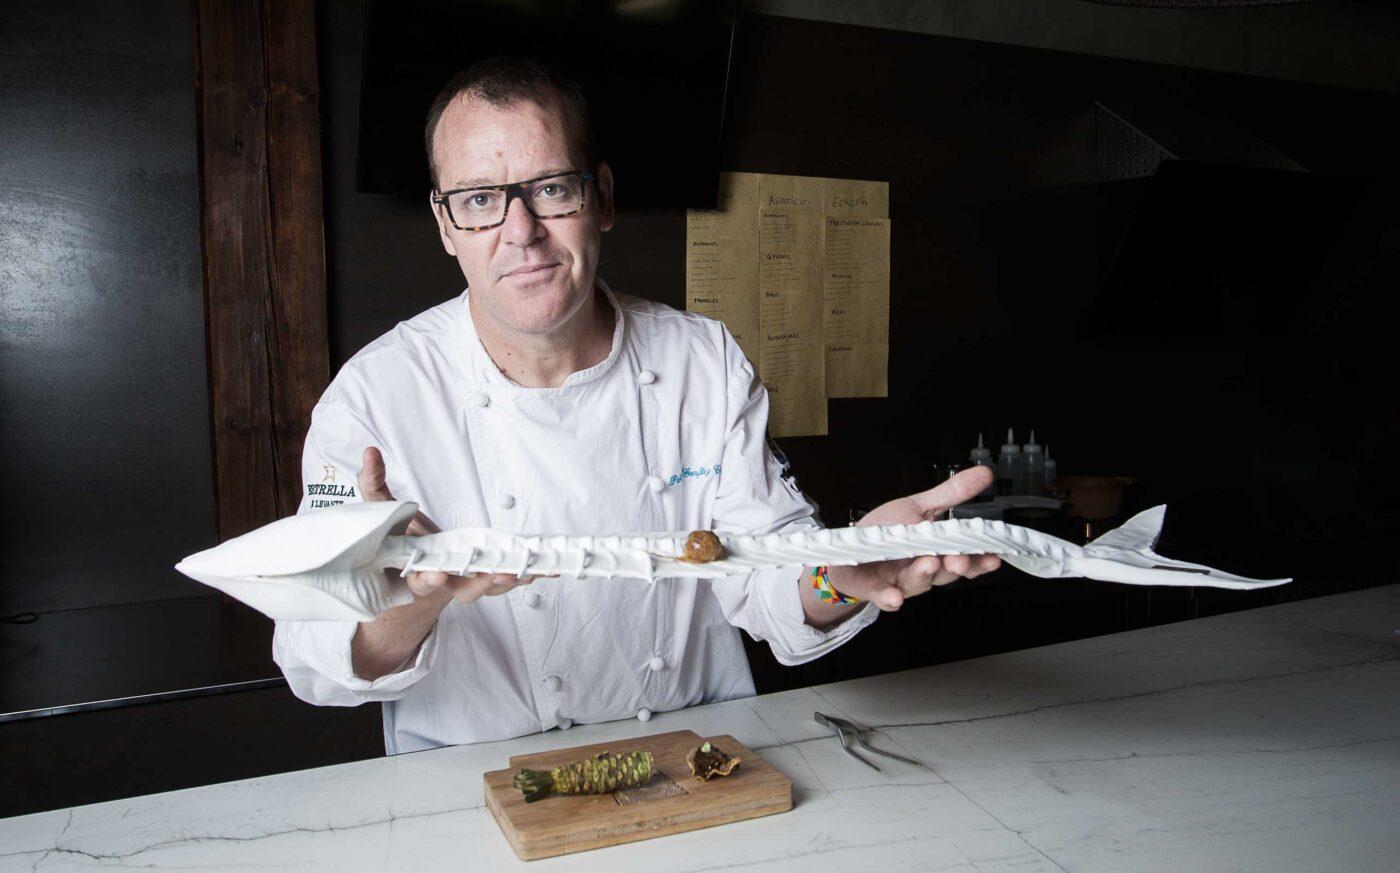 Pablo González, Chef de restaurante Cabaña Buenavista